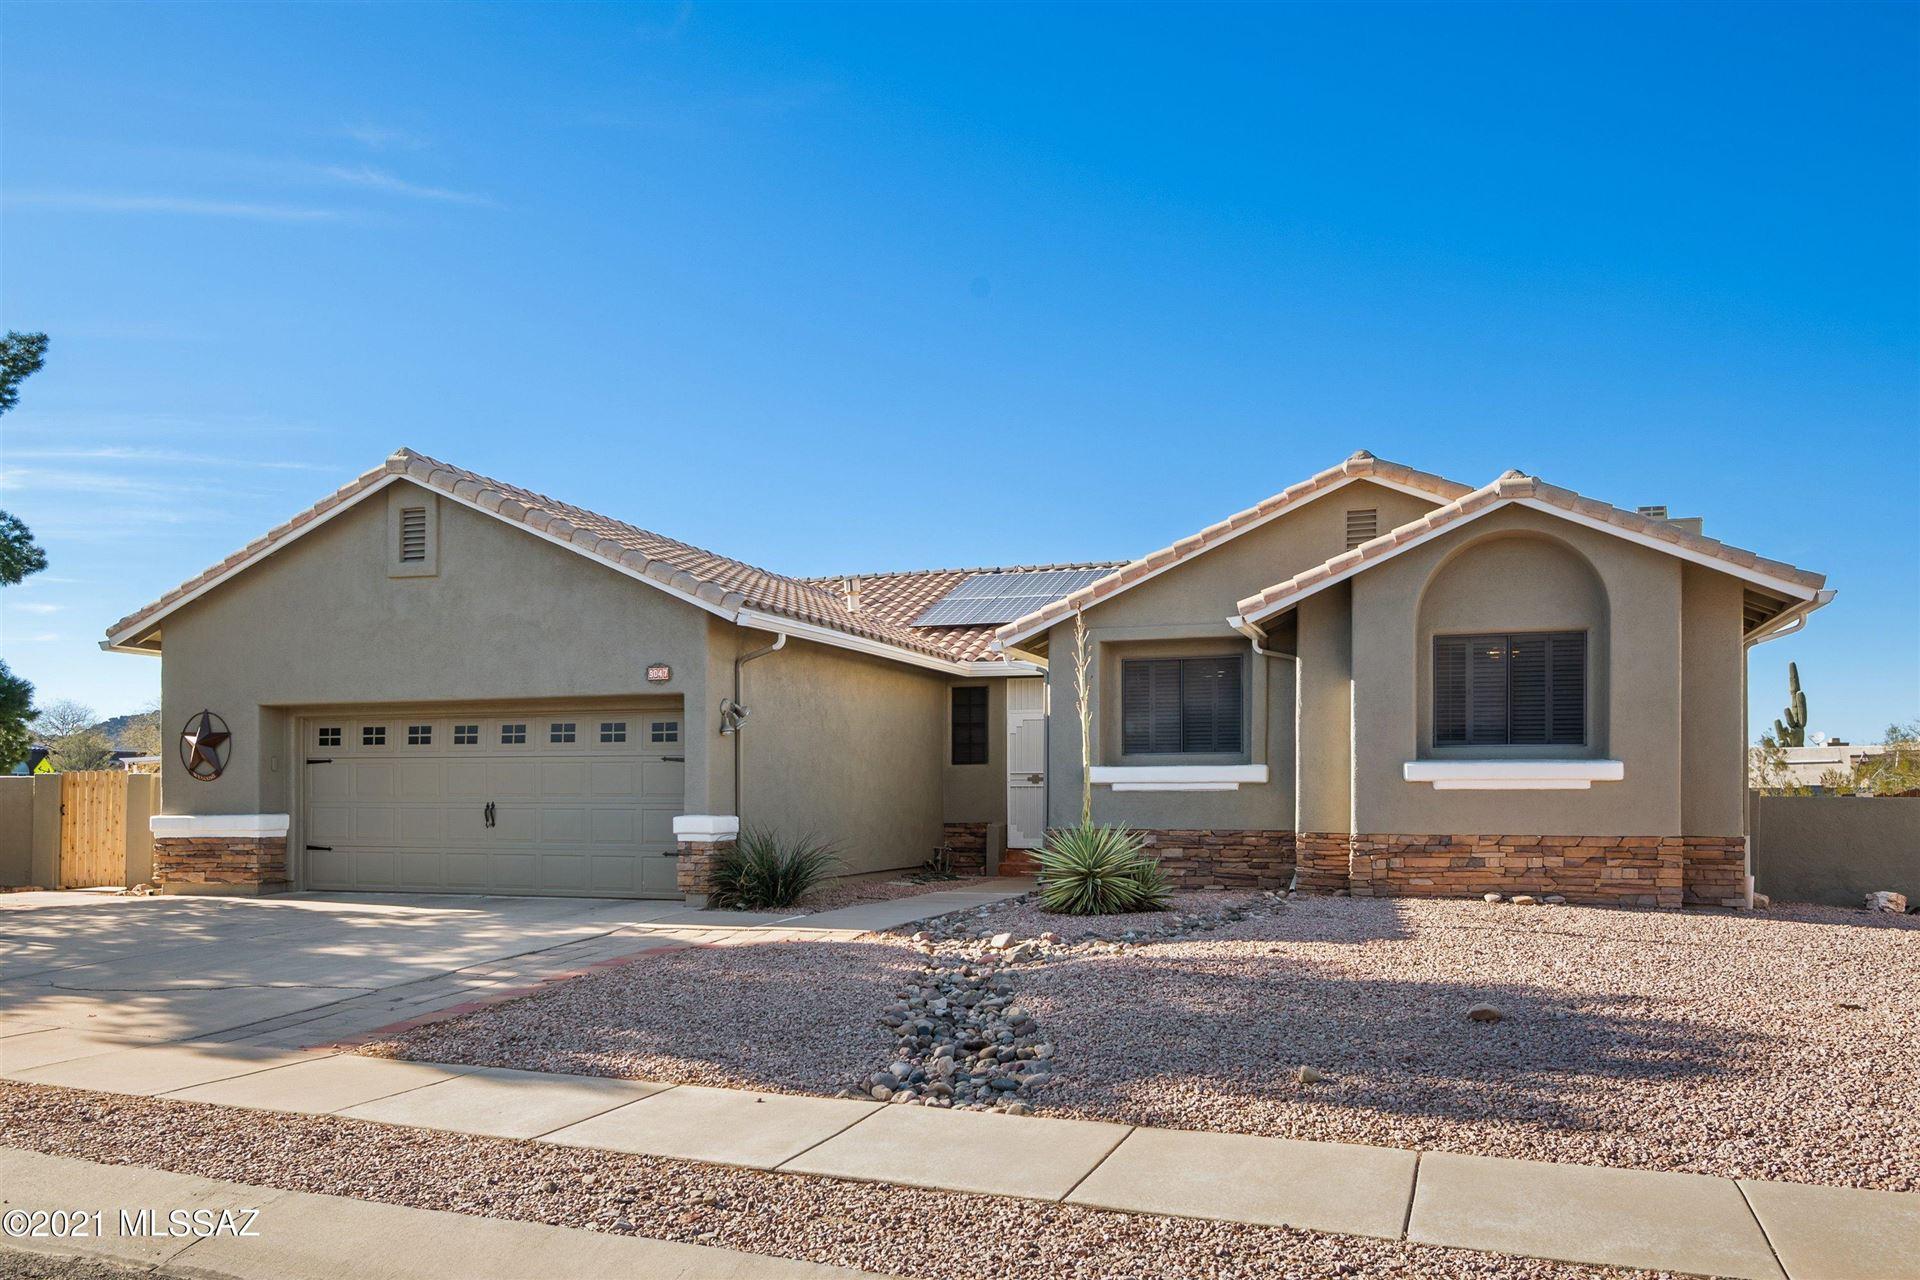 9047 N Sanguine Drive, Tucson, AZ 85743 - #: 22103592